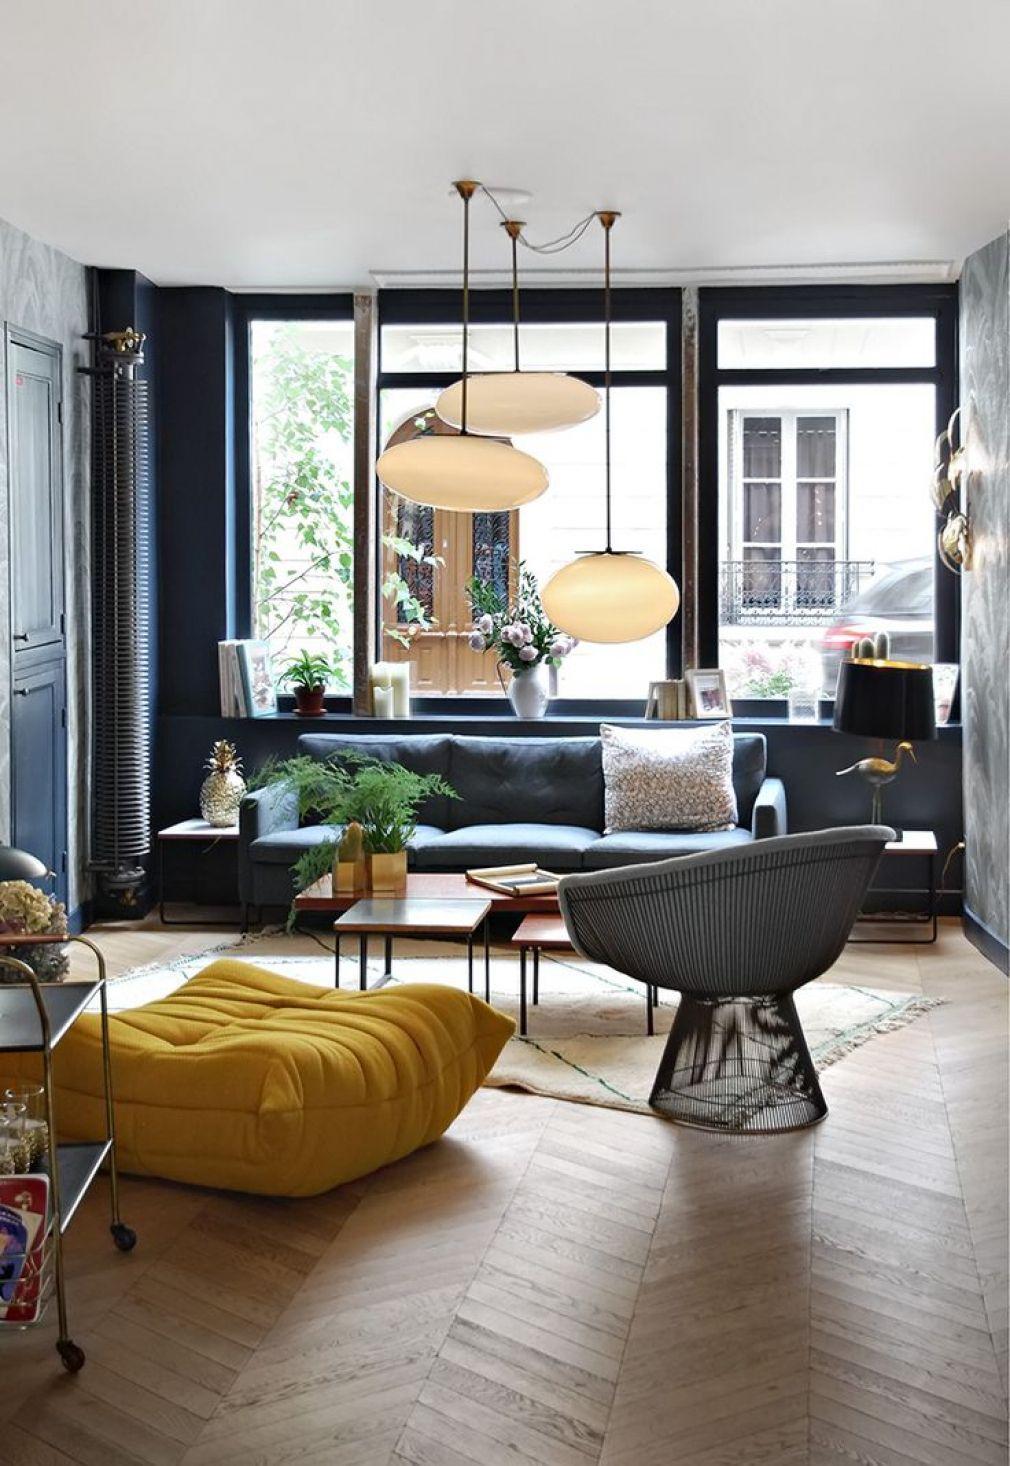 Les salons colorés qui mixent minimalisme et classique : inspiration ...